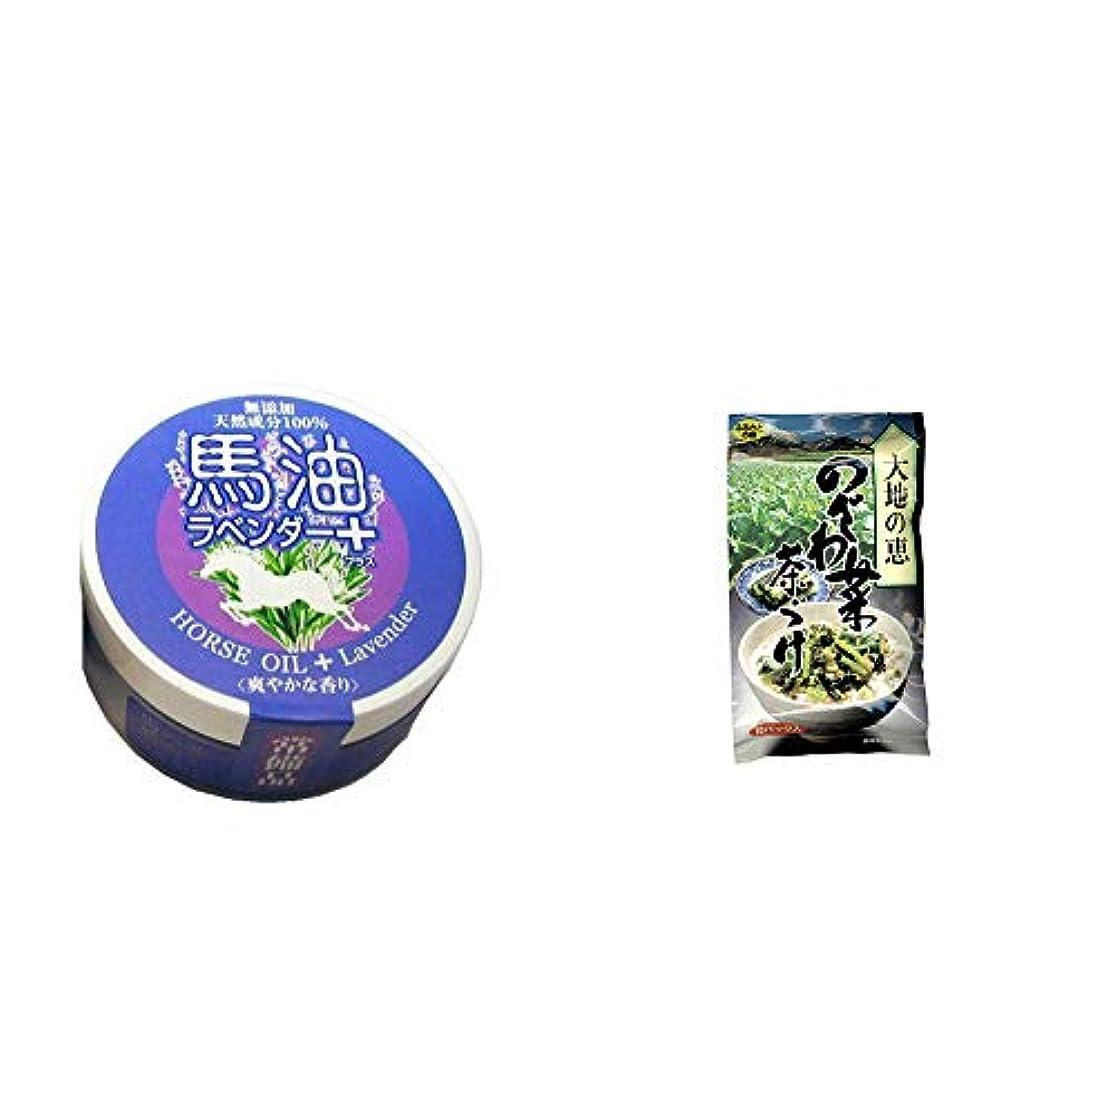 [2点セット] 無添加天然成分100% 馬油[ラベンダー](38g)?特選茶漬け 大地の恵 のざわ菜茶づけ(10袋入)